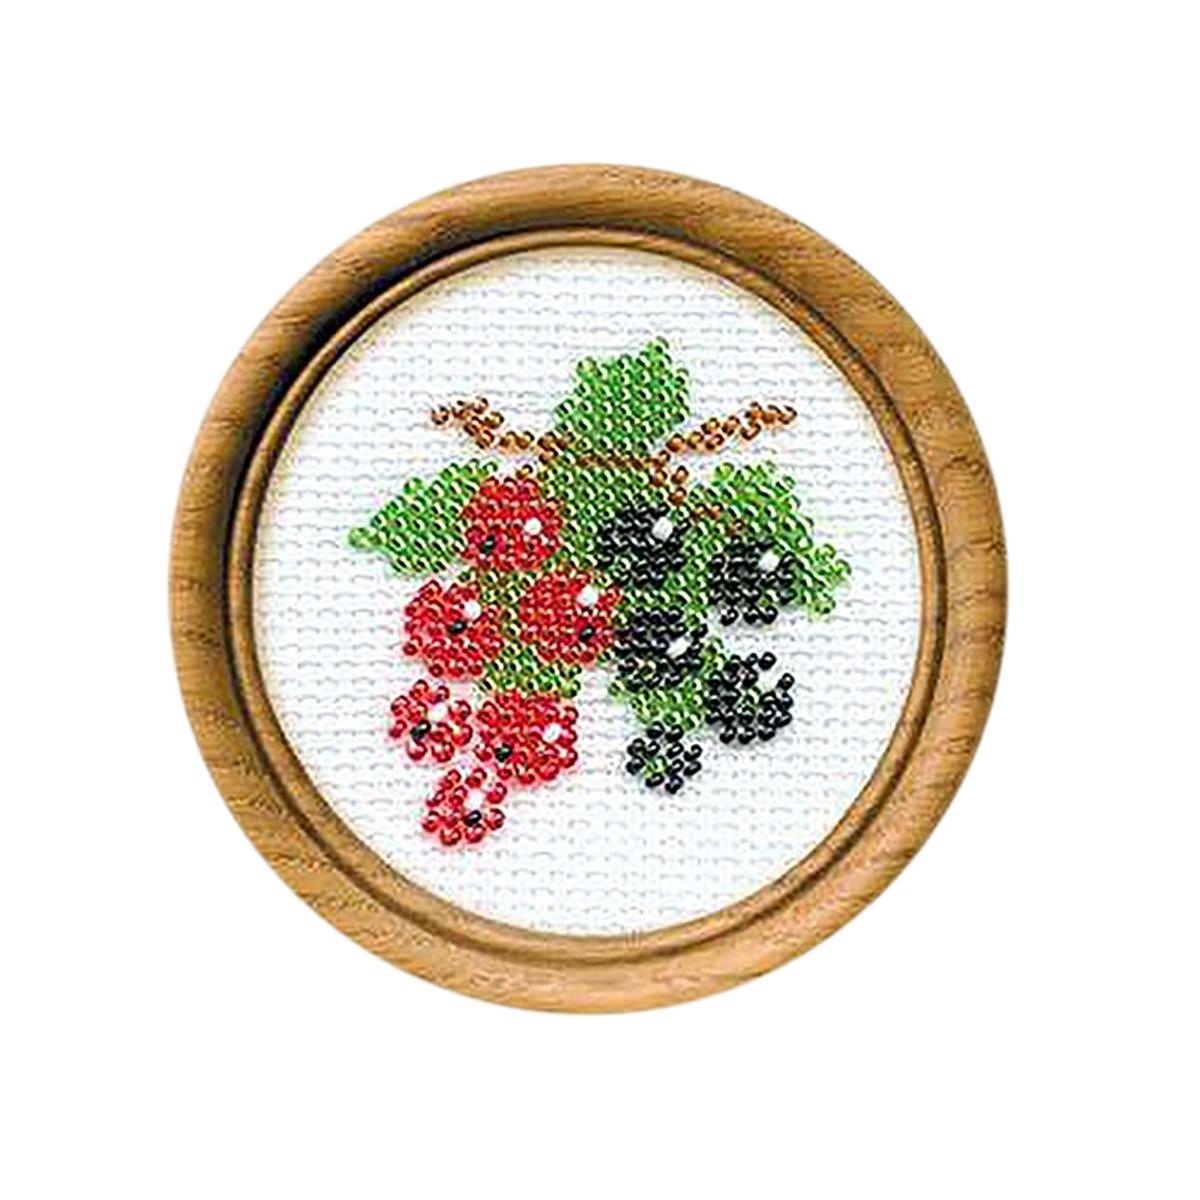 Б069 Набор для вышивания бисером Riolis 'Смородина', 8*8 см